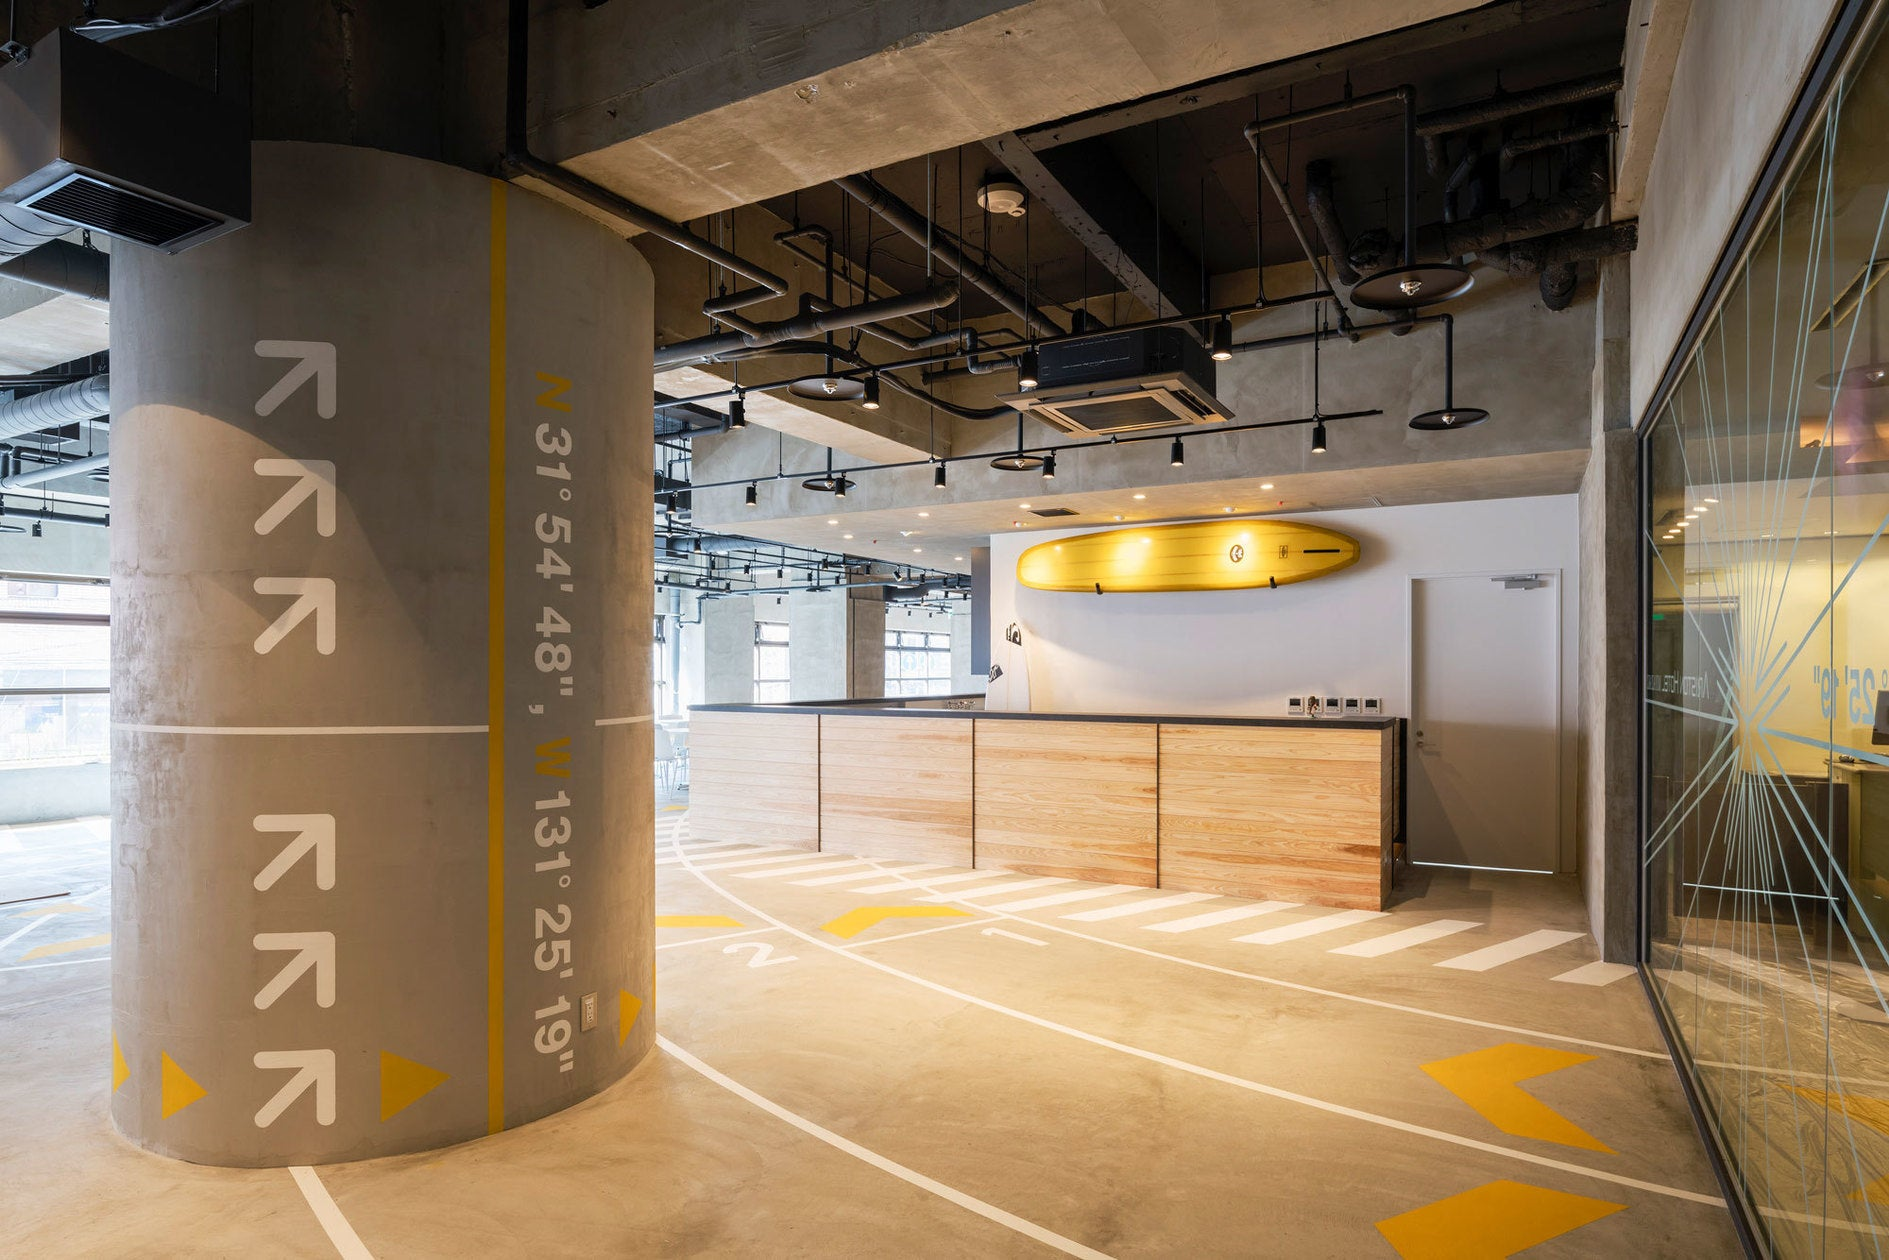 【アリストンホテル宮崎】レストランラウンジ花風-KAHU- フィールドスペース(【アリストンホテル宮崎】2F 10/19リニューアルOPEN レストランラウンジ花風-KAHU-) の写真0